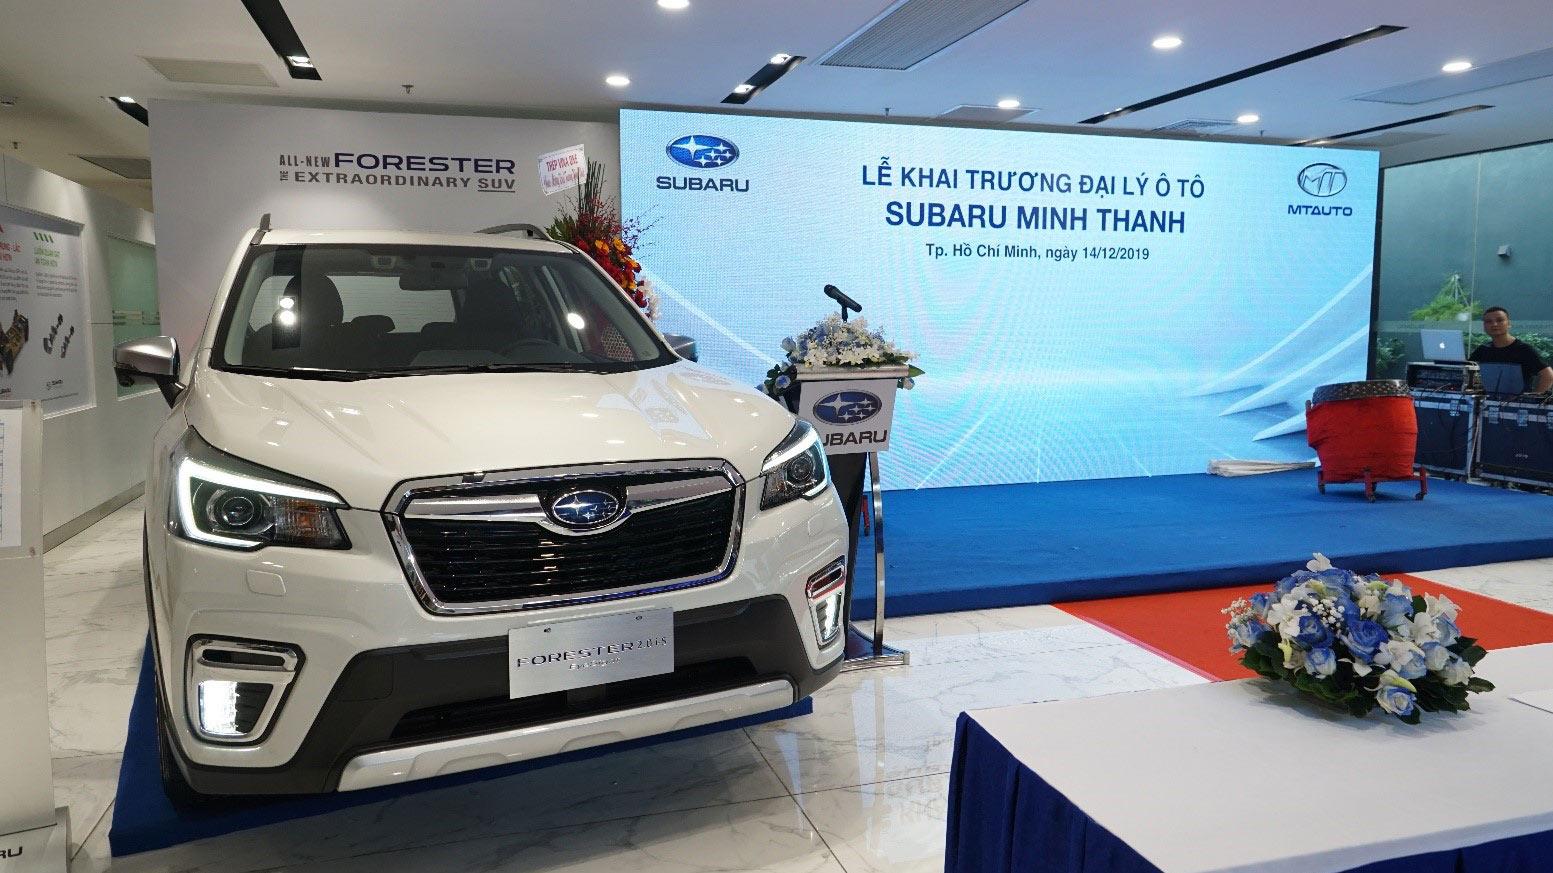 Subaru khai trương Đại lý thứ 10 tại Việt Nam